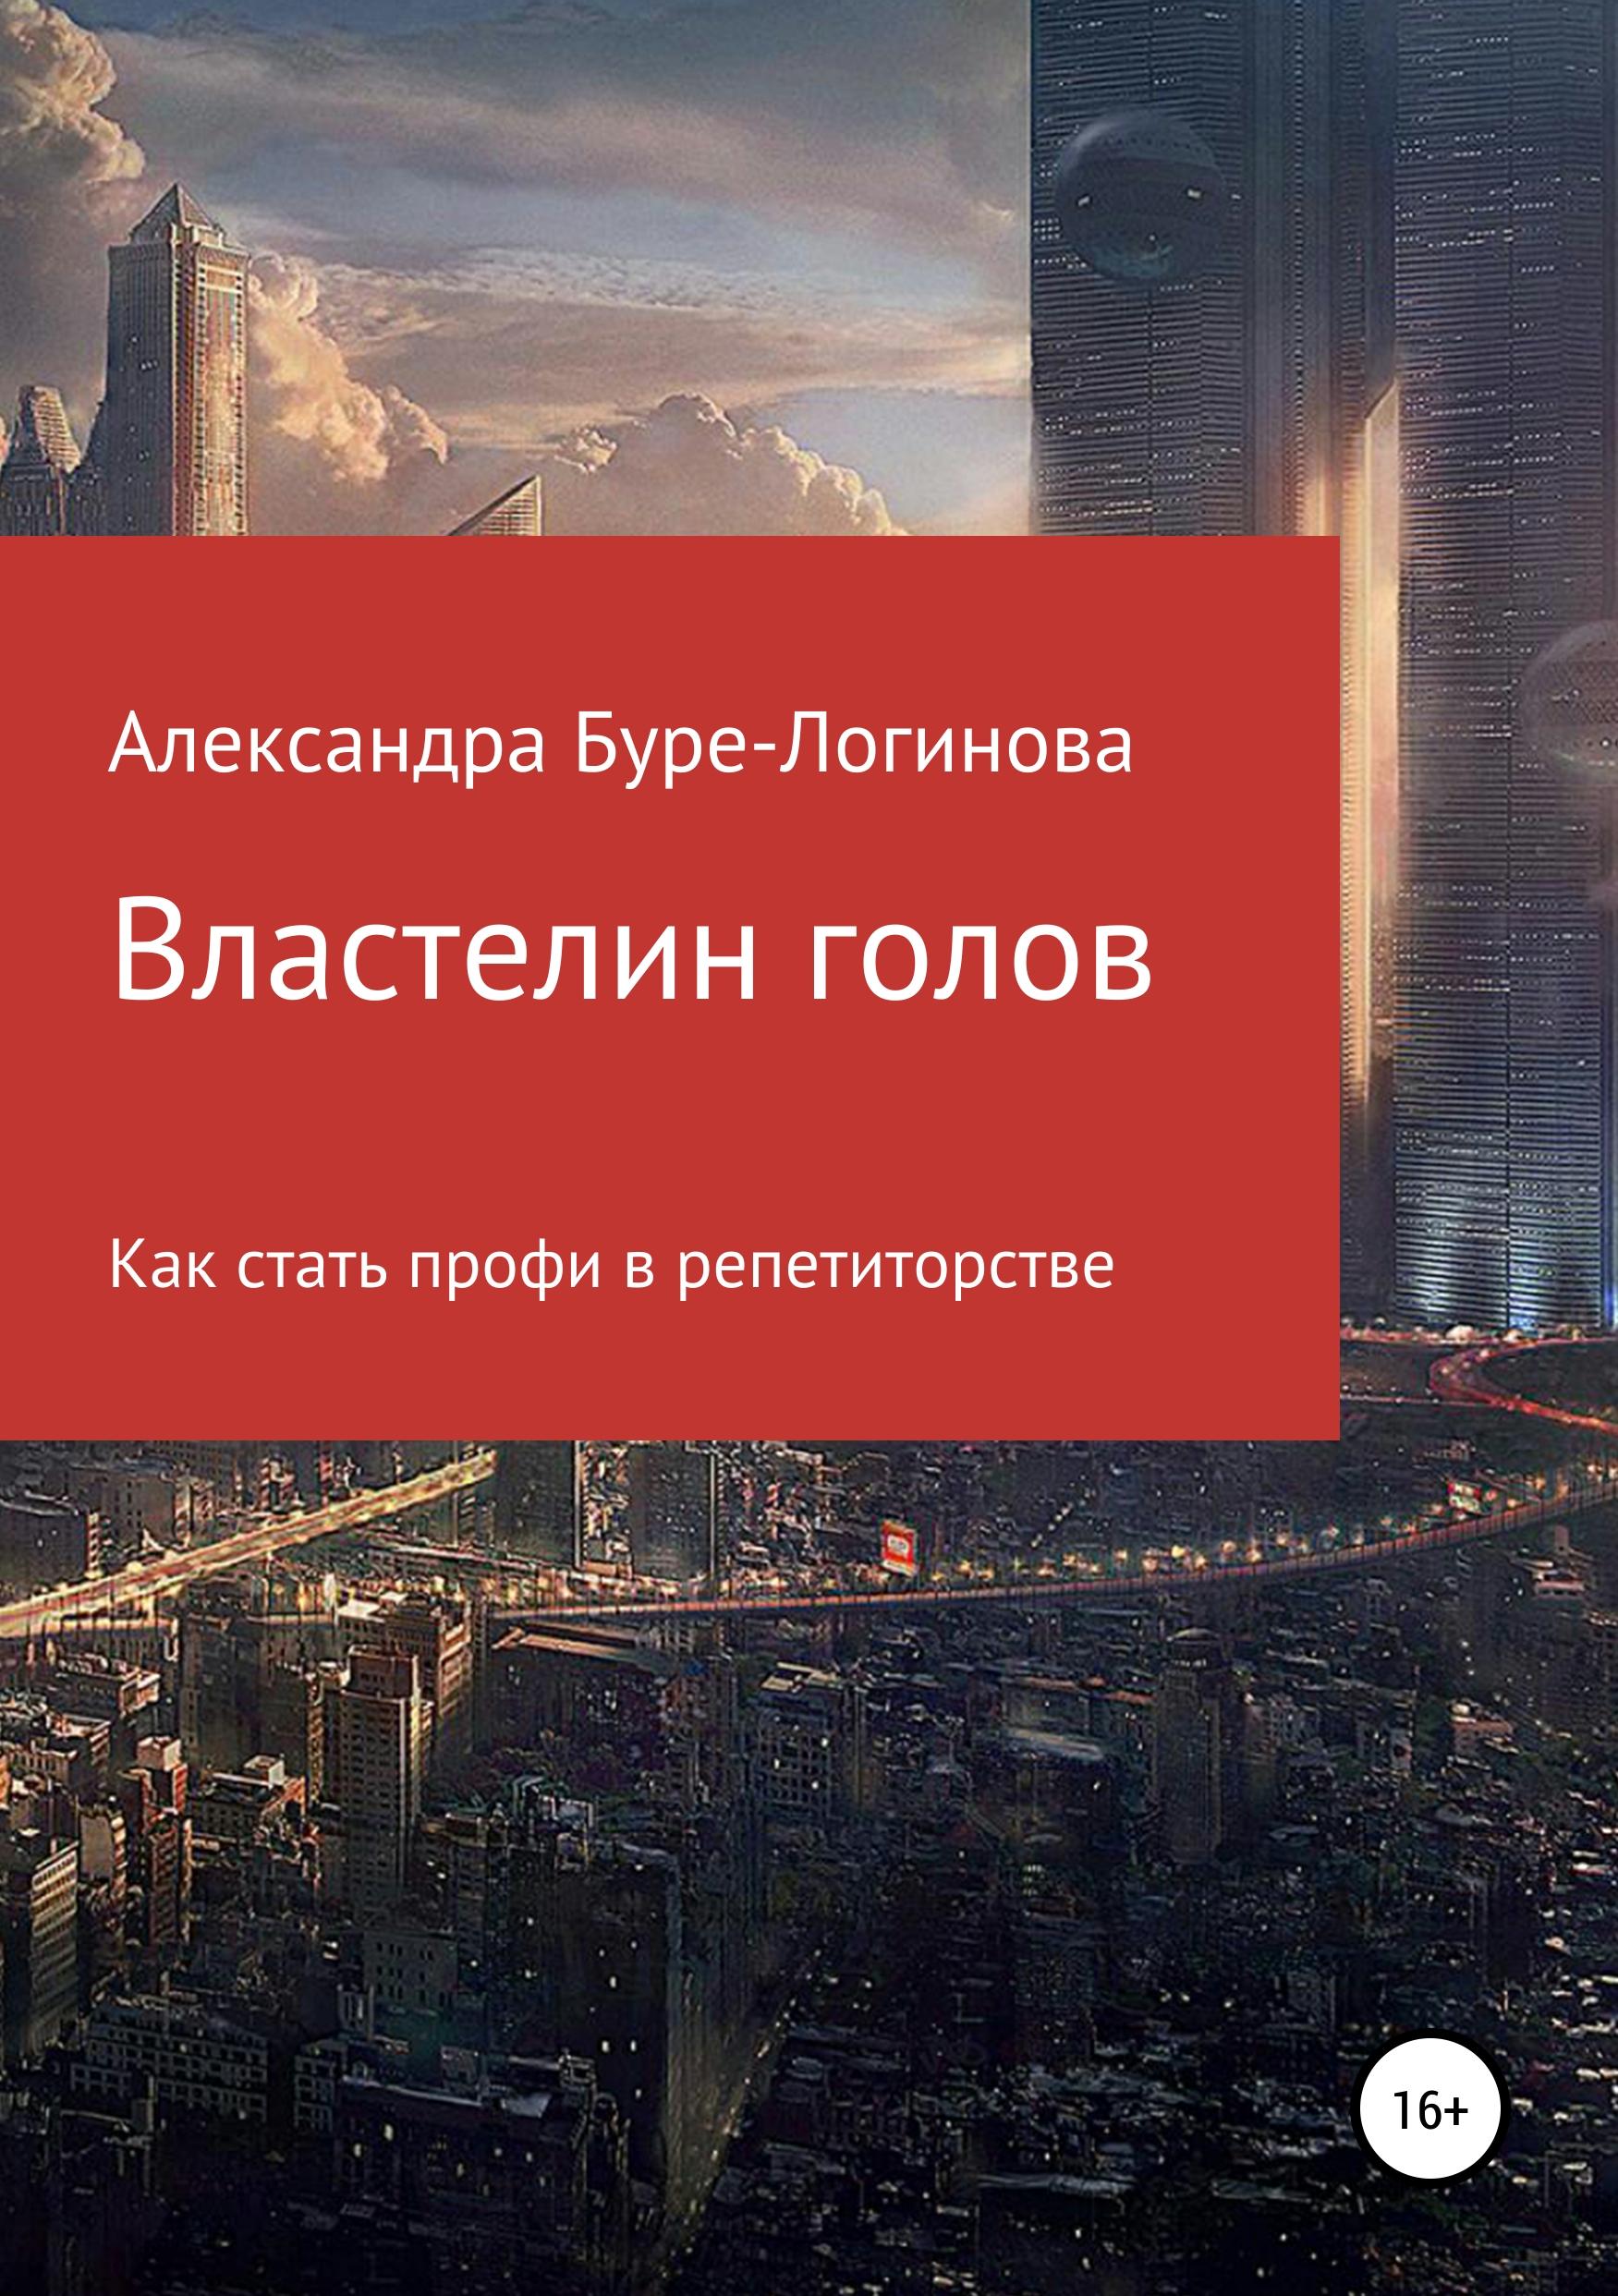 Купить книгу Властелин голов, автора Александры Буре-Логиновой